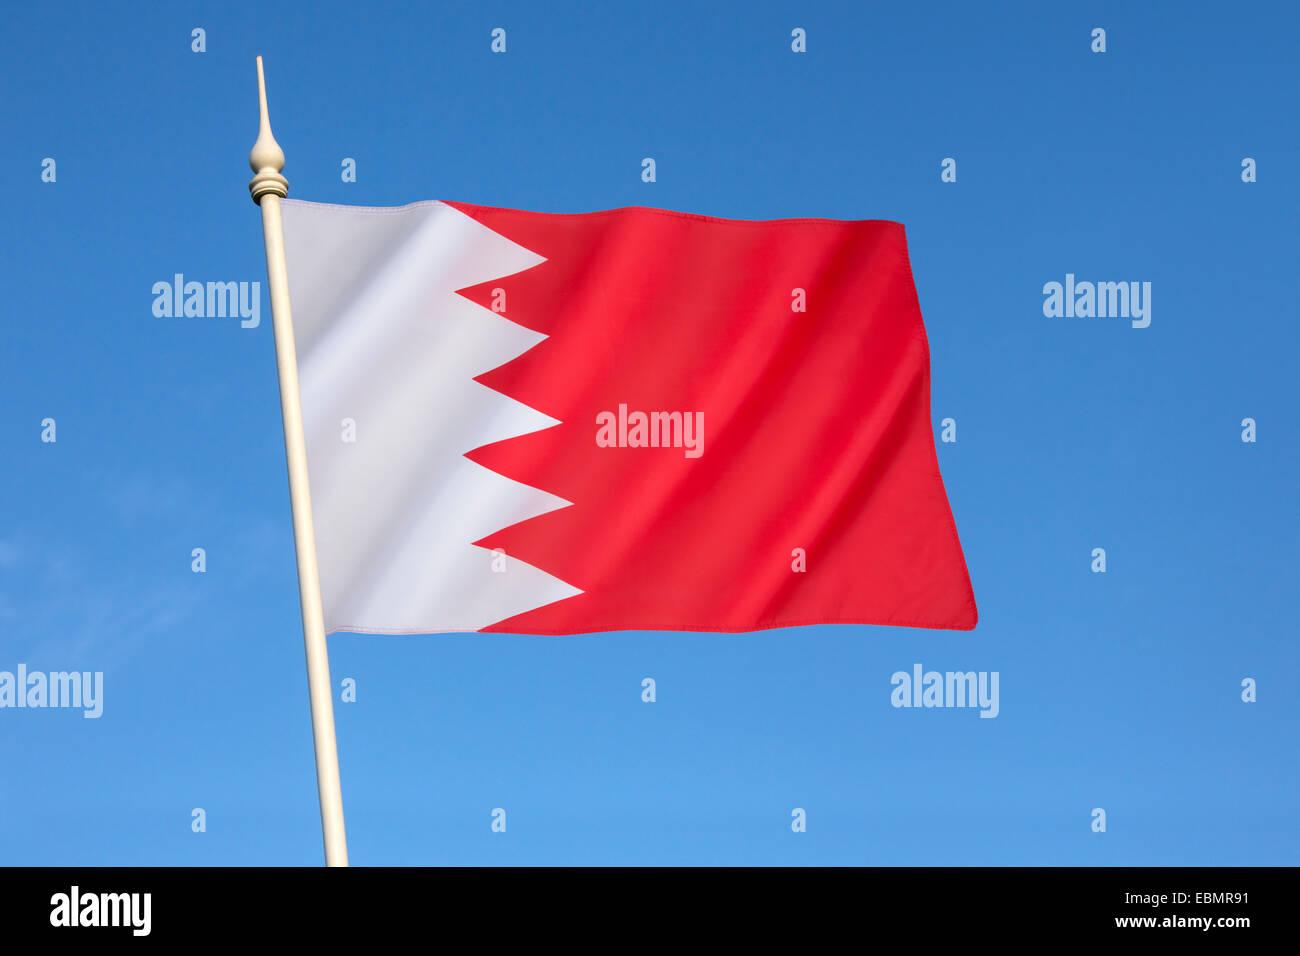 Flag of Bahrain - Stock Image